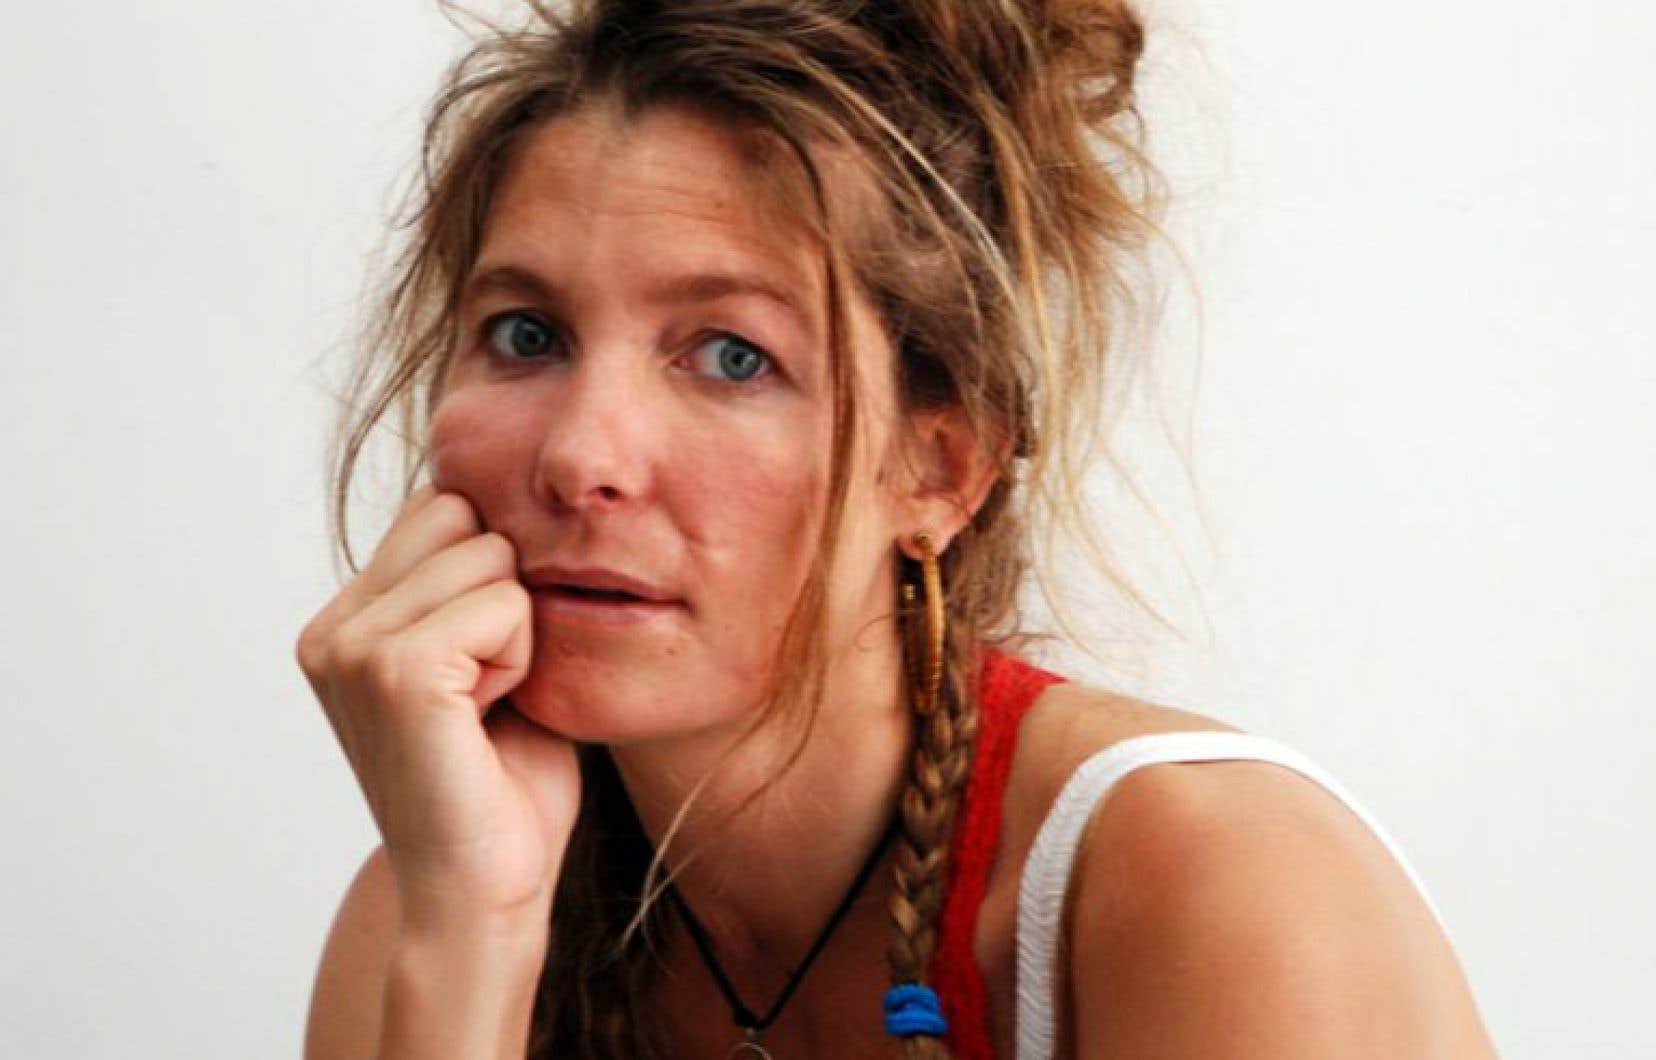 L'anthropologue française Nastassja Martin, spécialiste des peuples autochtones du Grand Nord et passionnée par la pensée animiste